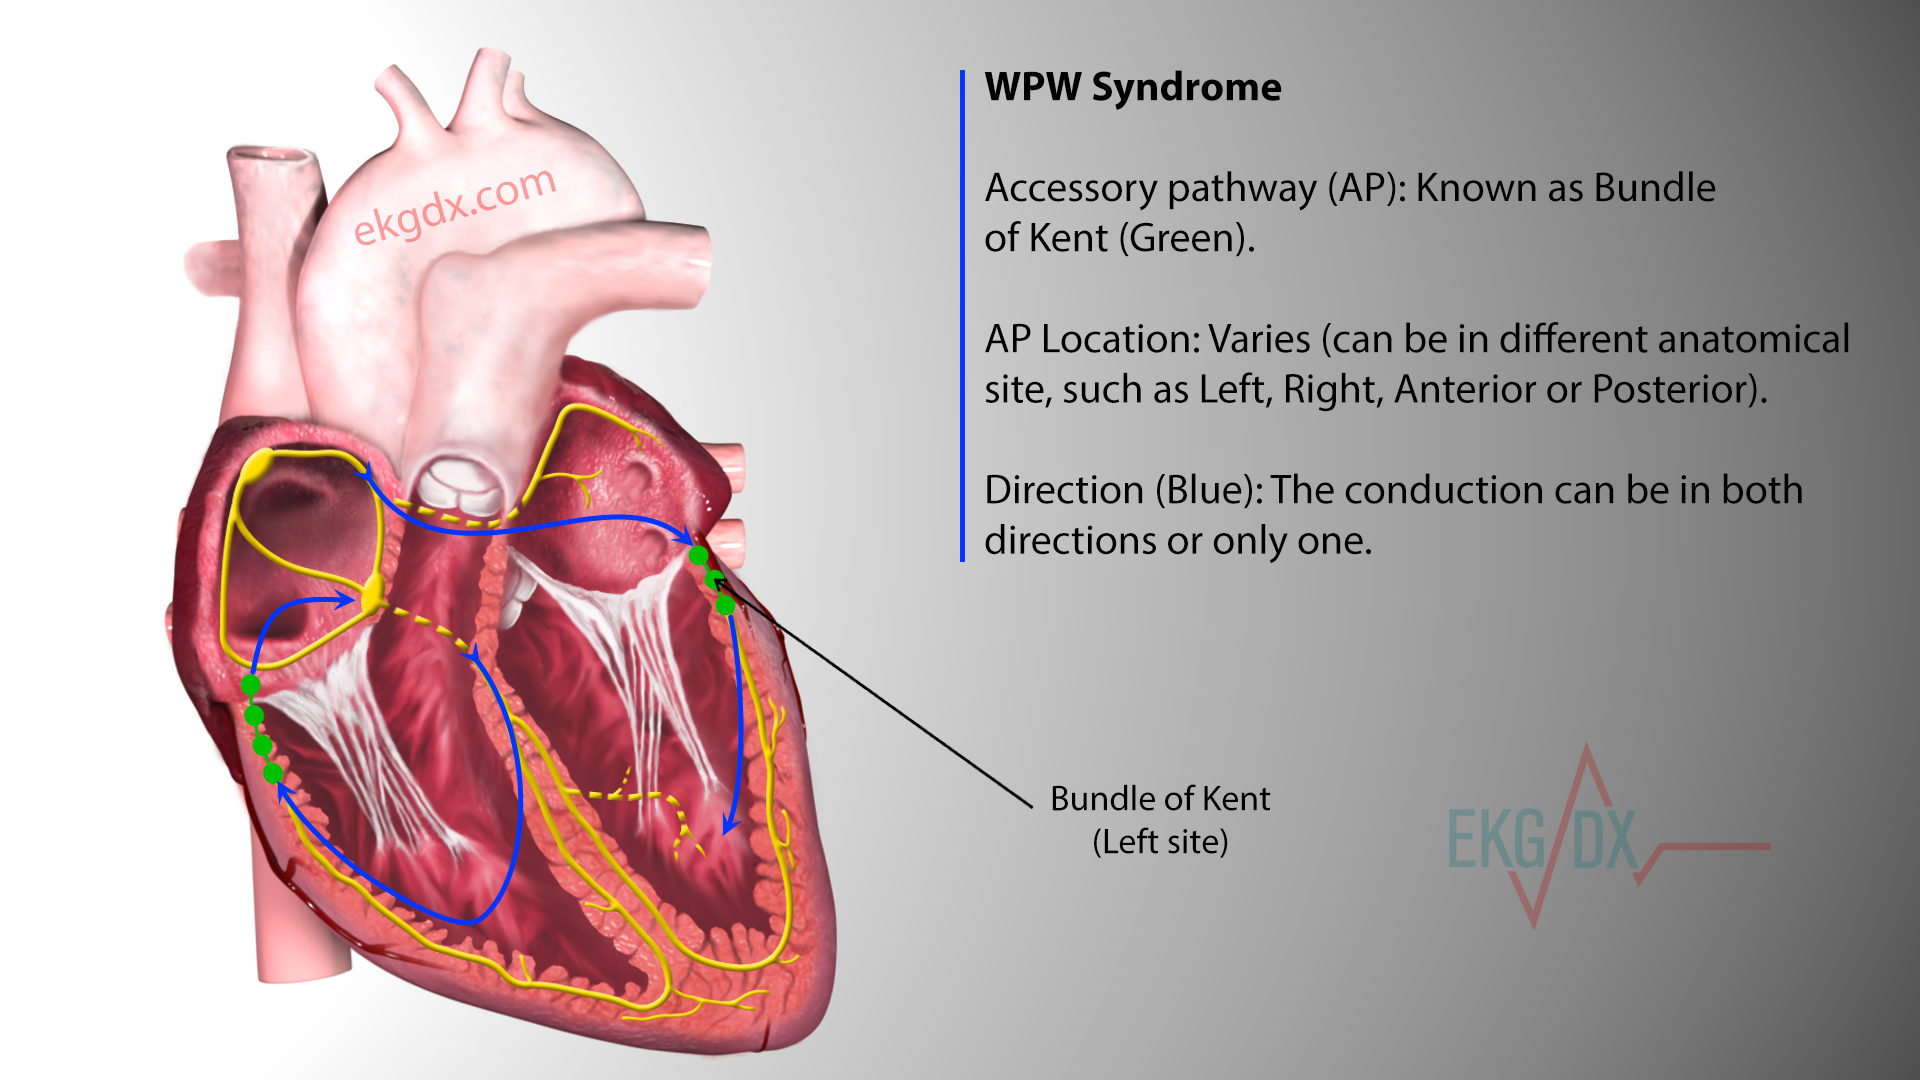 WPW syndrome